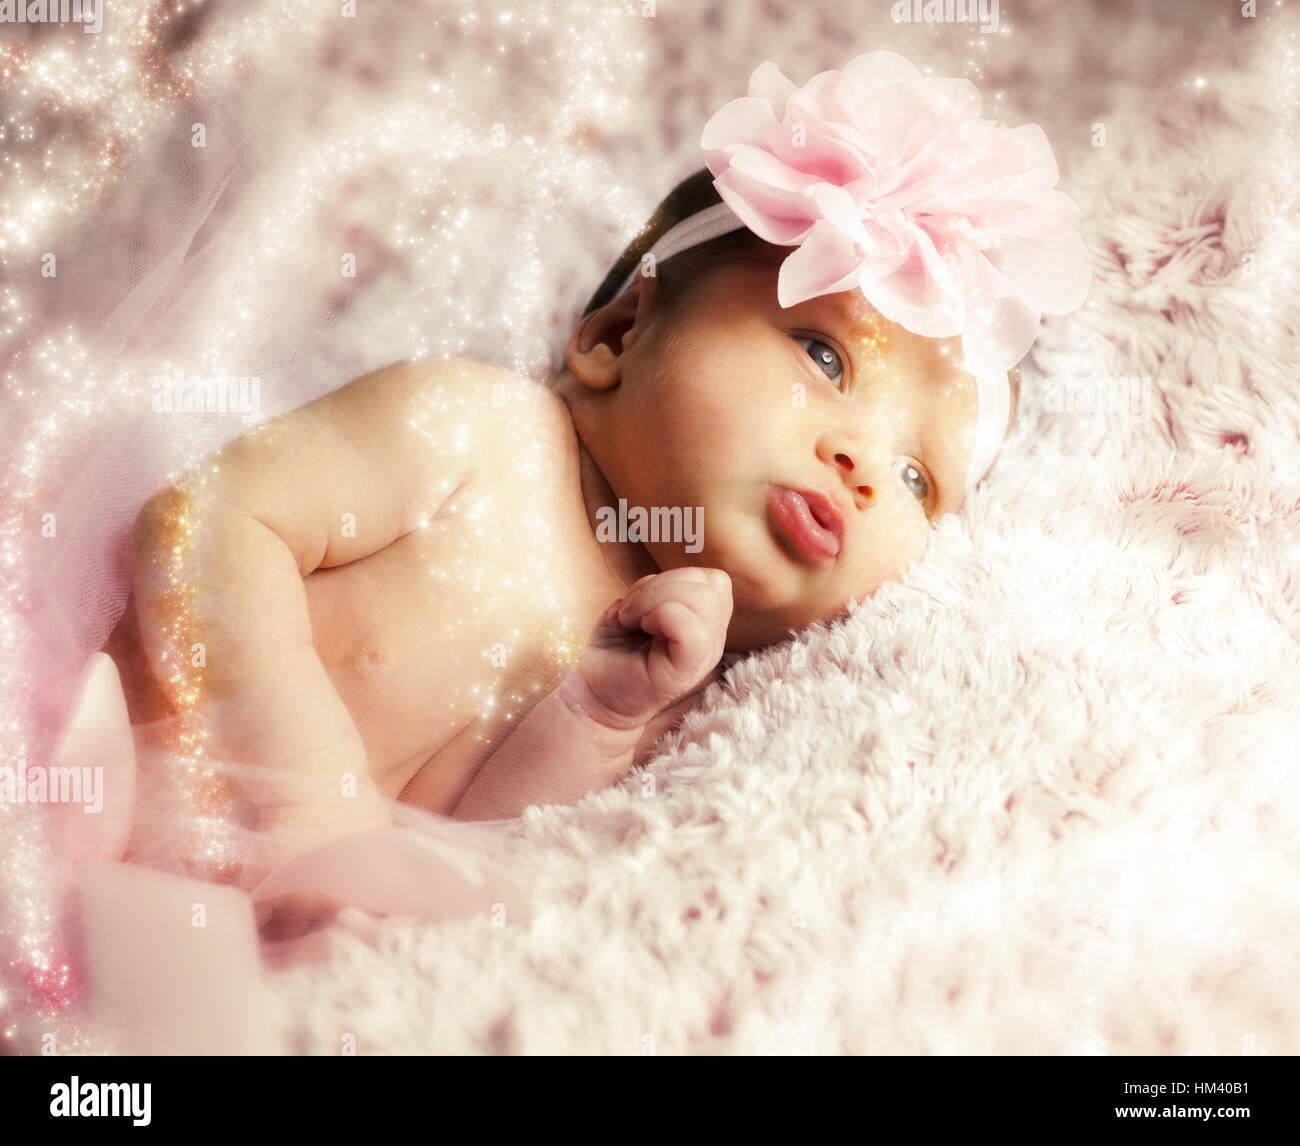 Naissance bebe Fille portant un tutu ballerine rose Banque D Images ... 23d451f64c3